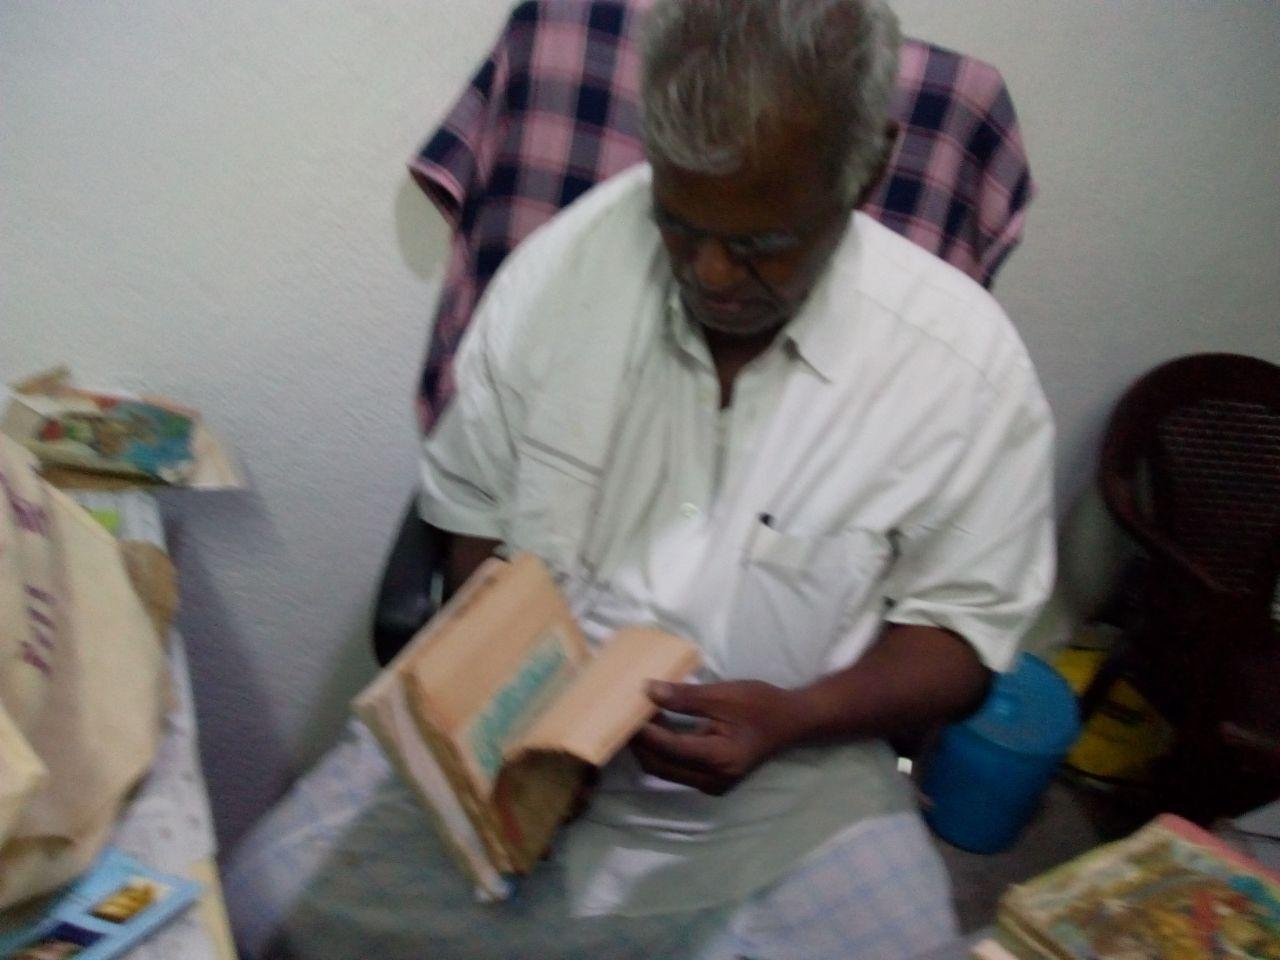 அடையாறு வெள்ளத்தில் பாதிக்கப்பட்ட புத்தகங்கள்